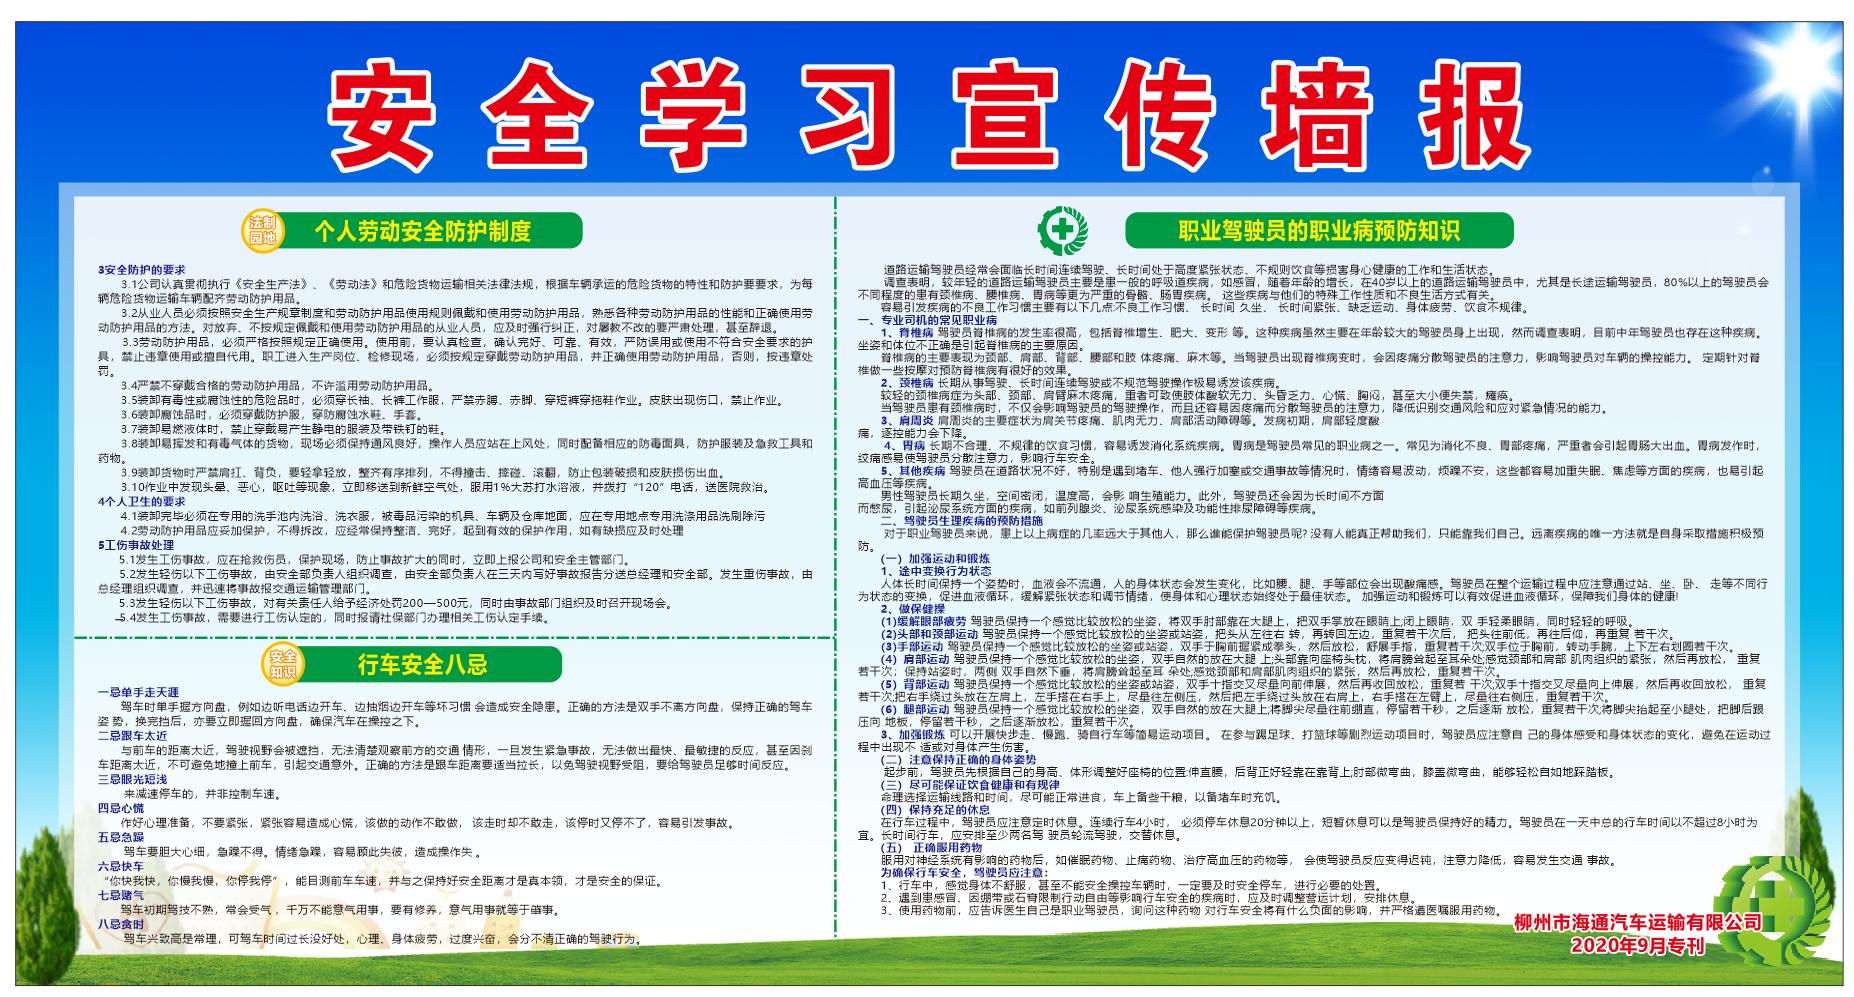 柳州市海通汽車運輸有限公司2020年9月安全學習墻報墻報